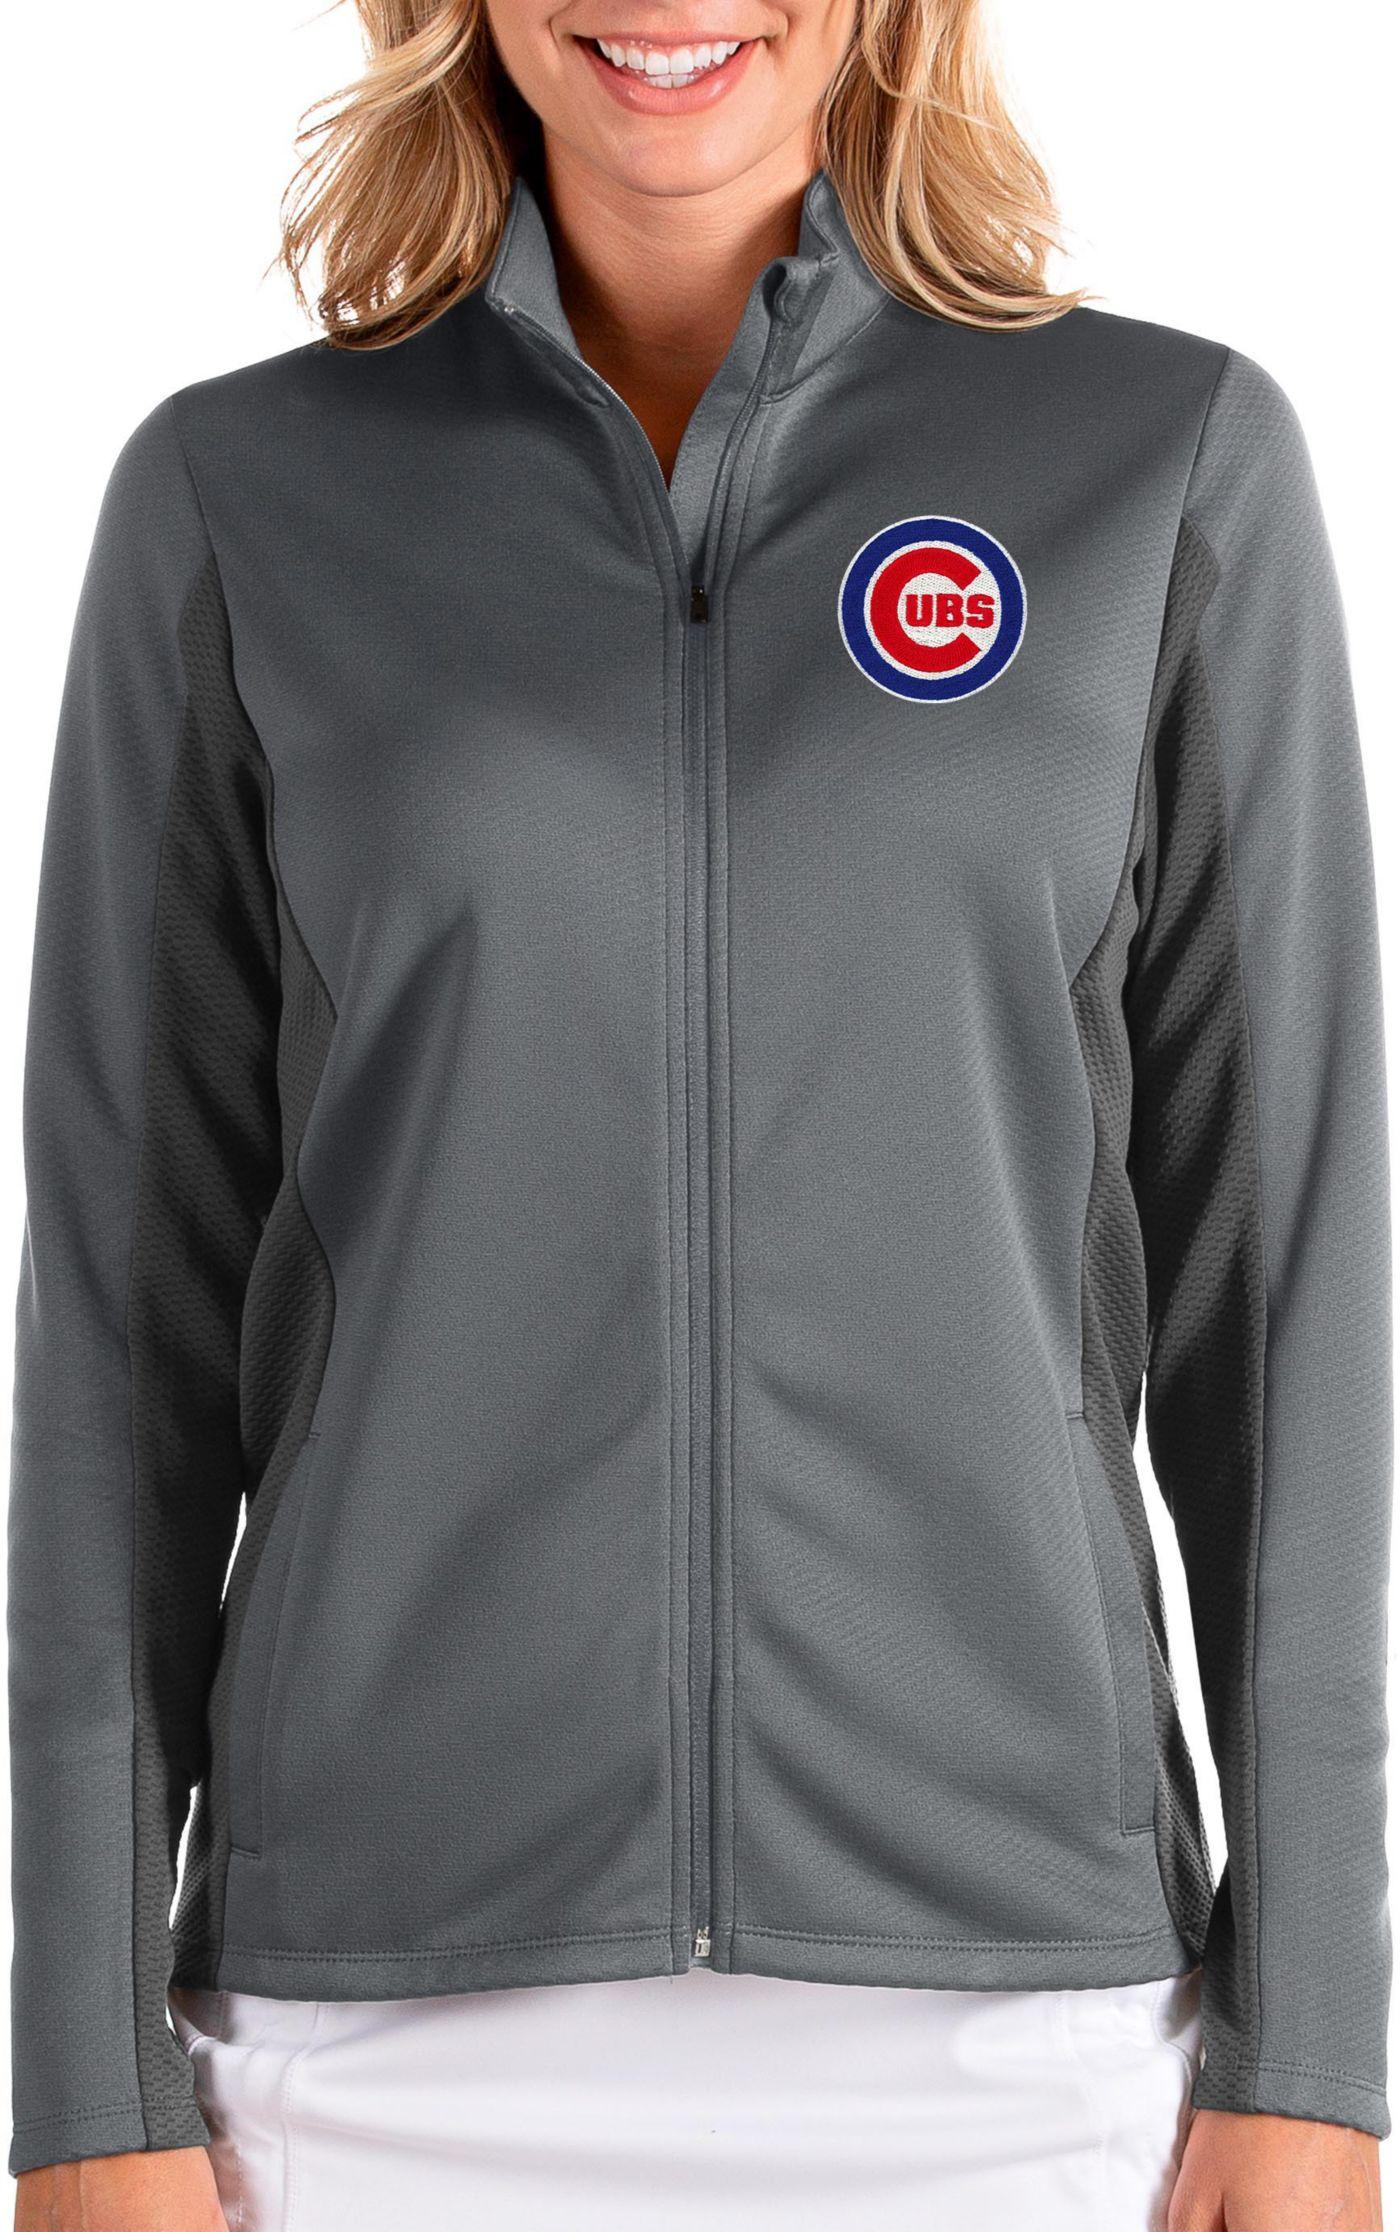 Antigua Women's Chicago Cubs Grey Passage Full-Zip Jacket